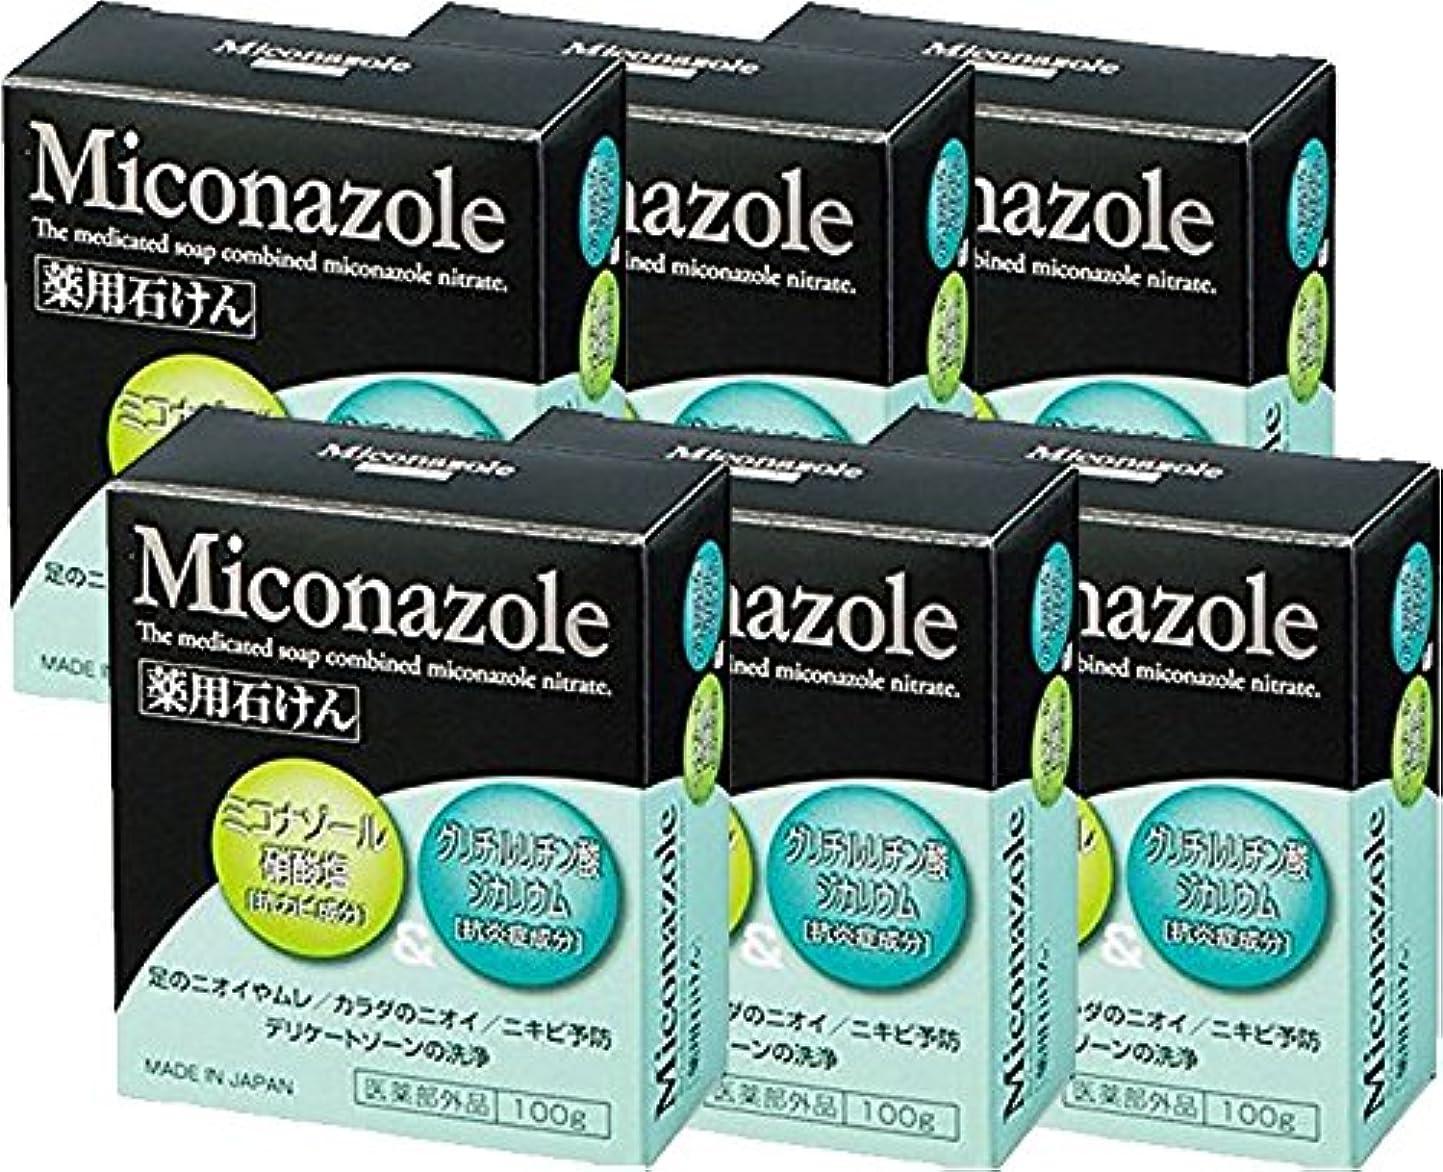 汚物スクラブ空中ミコナゾール 薬用せっけん 100g 《医薬部外品》 (6個)